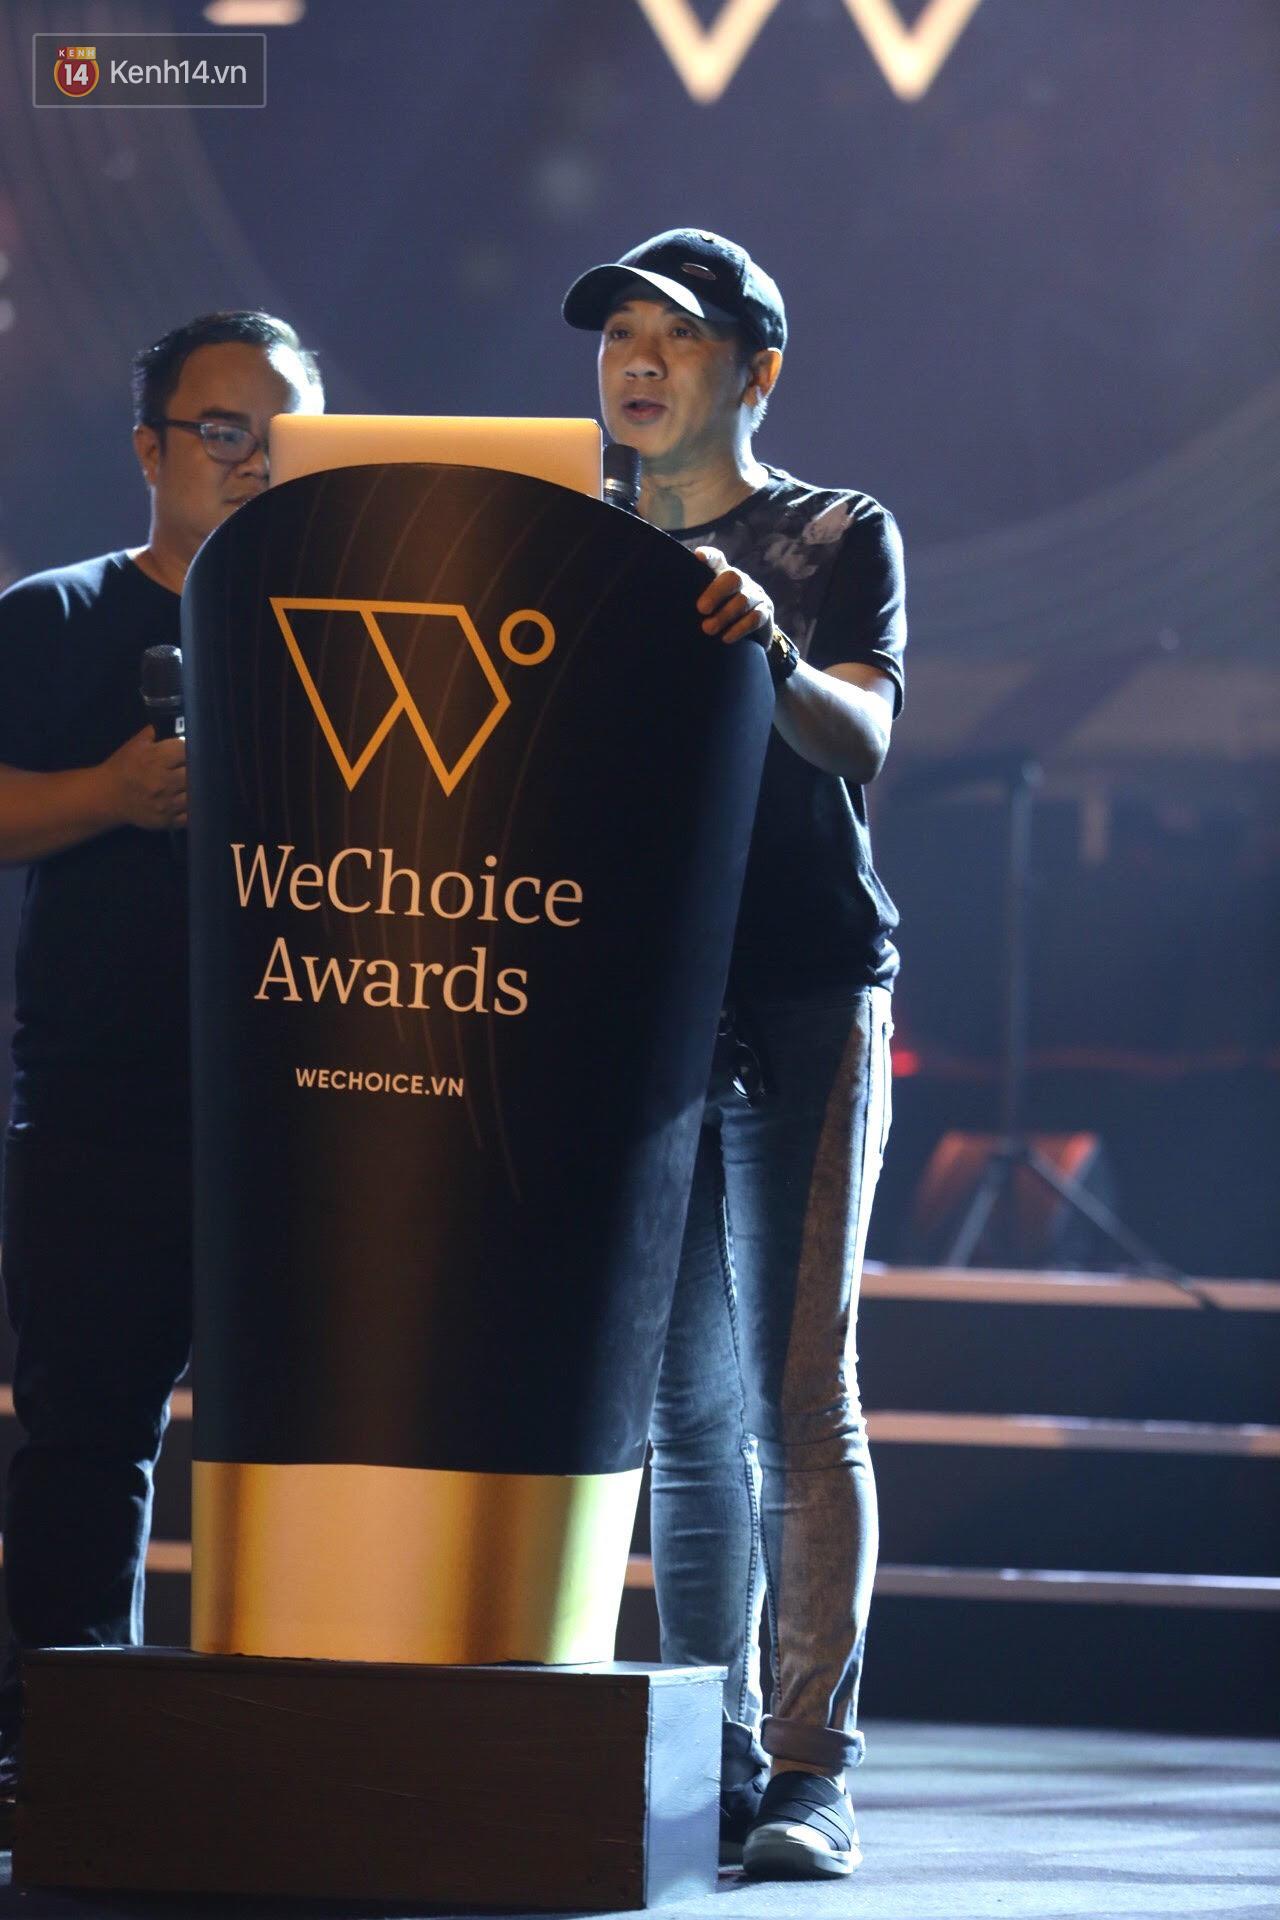 Diva Hồng Nhung gây xúc động, trình diễn như lên đồng tại buổi tổng duyệt Gala WeChoice Awards 2016 - Ảnh 9.